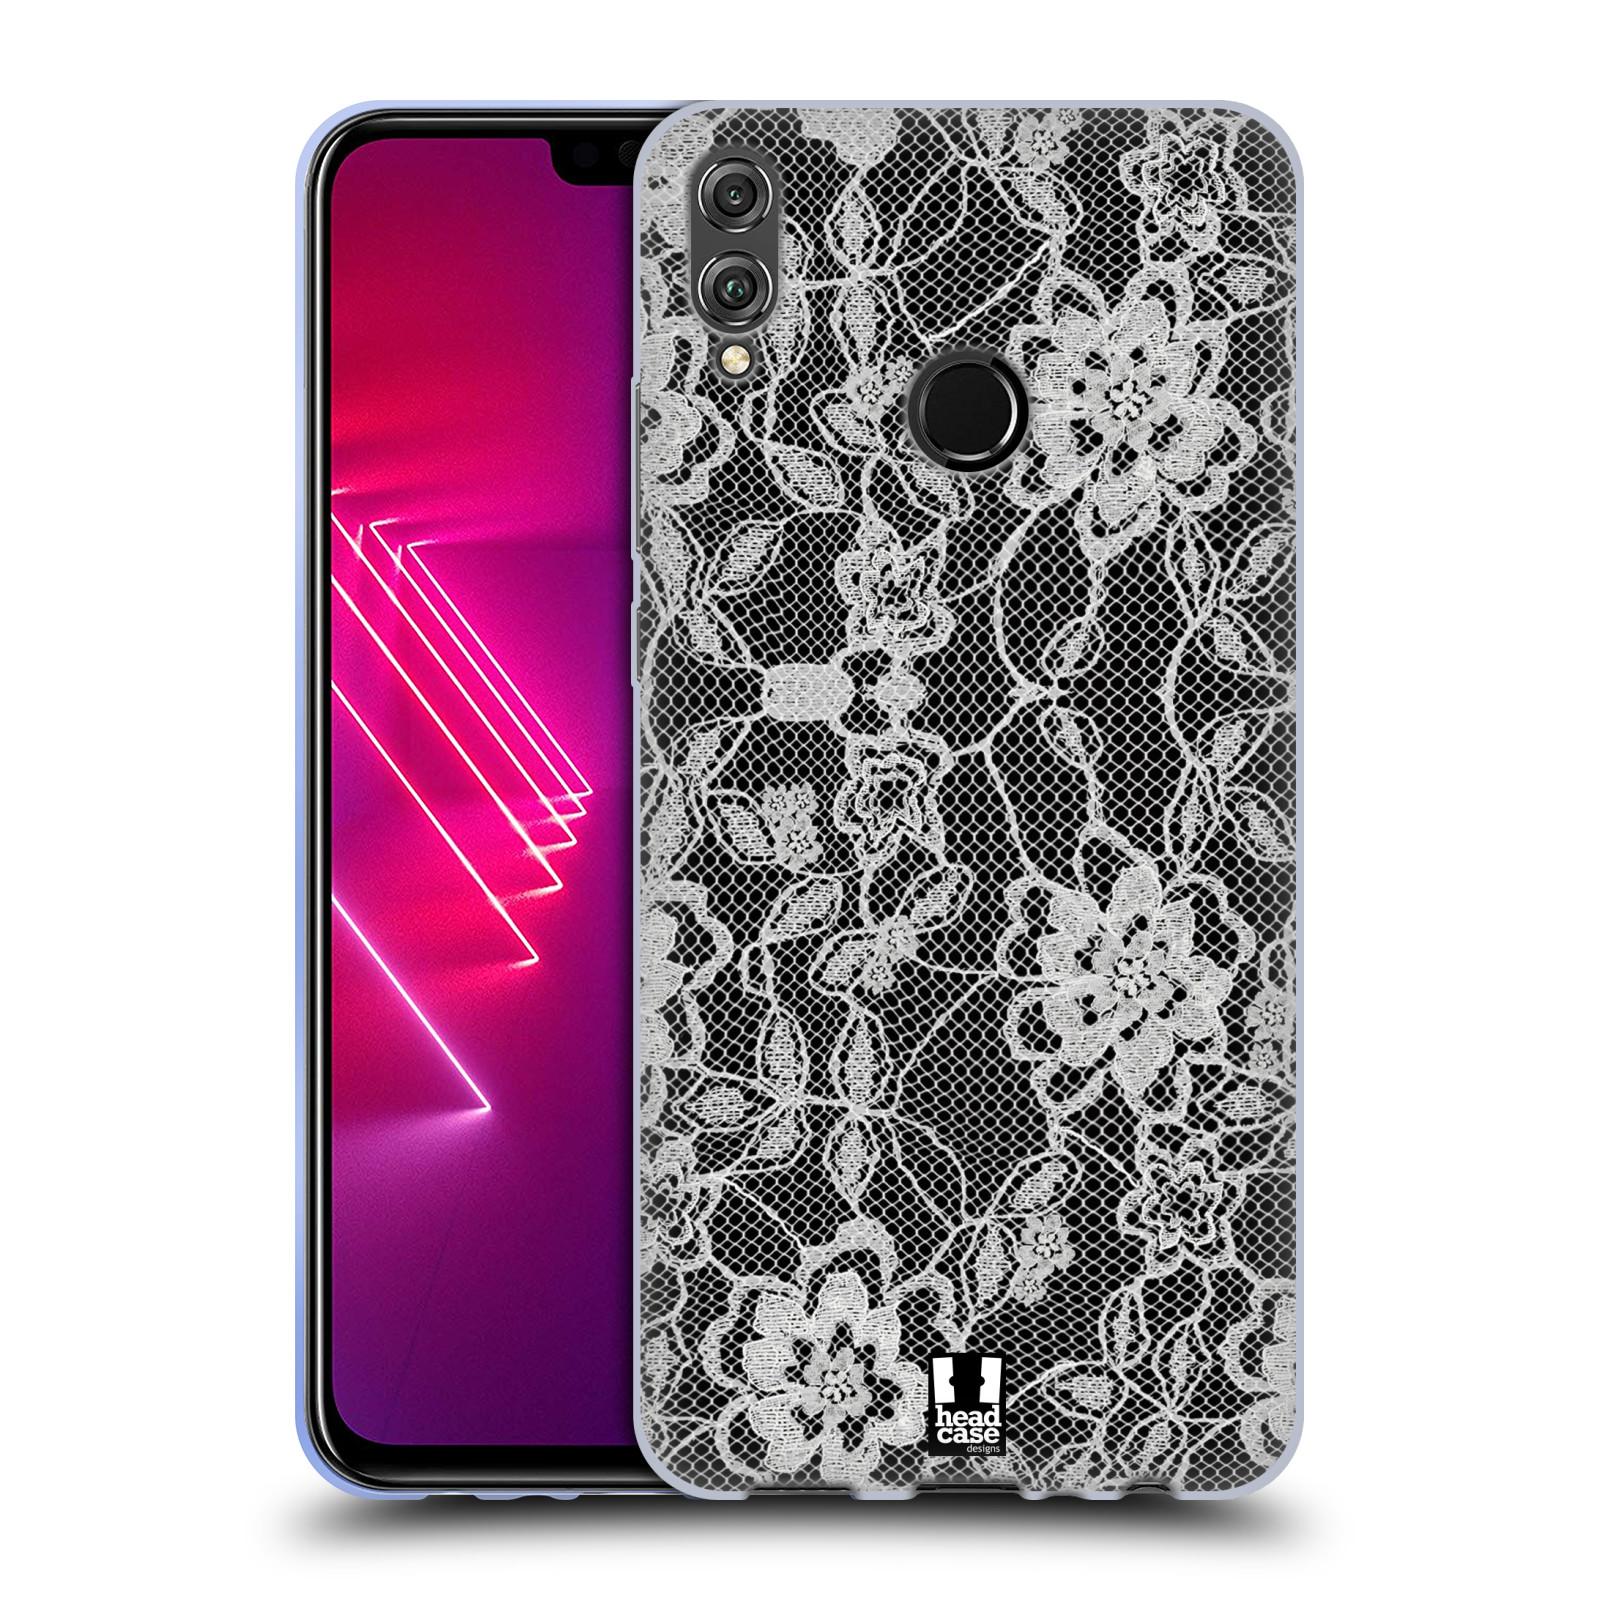 Silikonové pouzdro na mobil Honor View 10 Lite - Head Case - FLOWERY KRAJKA